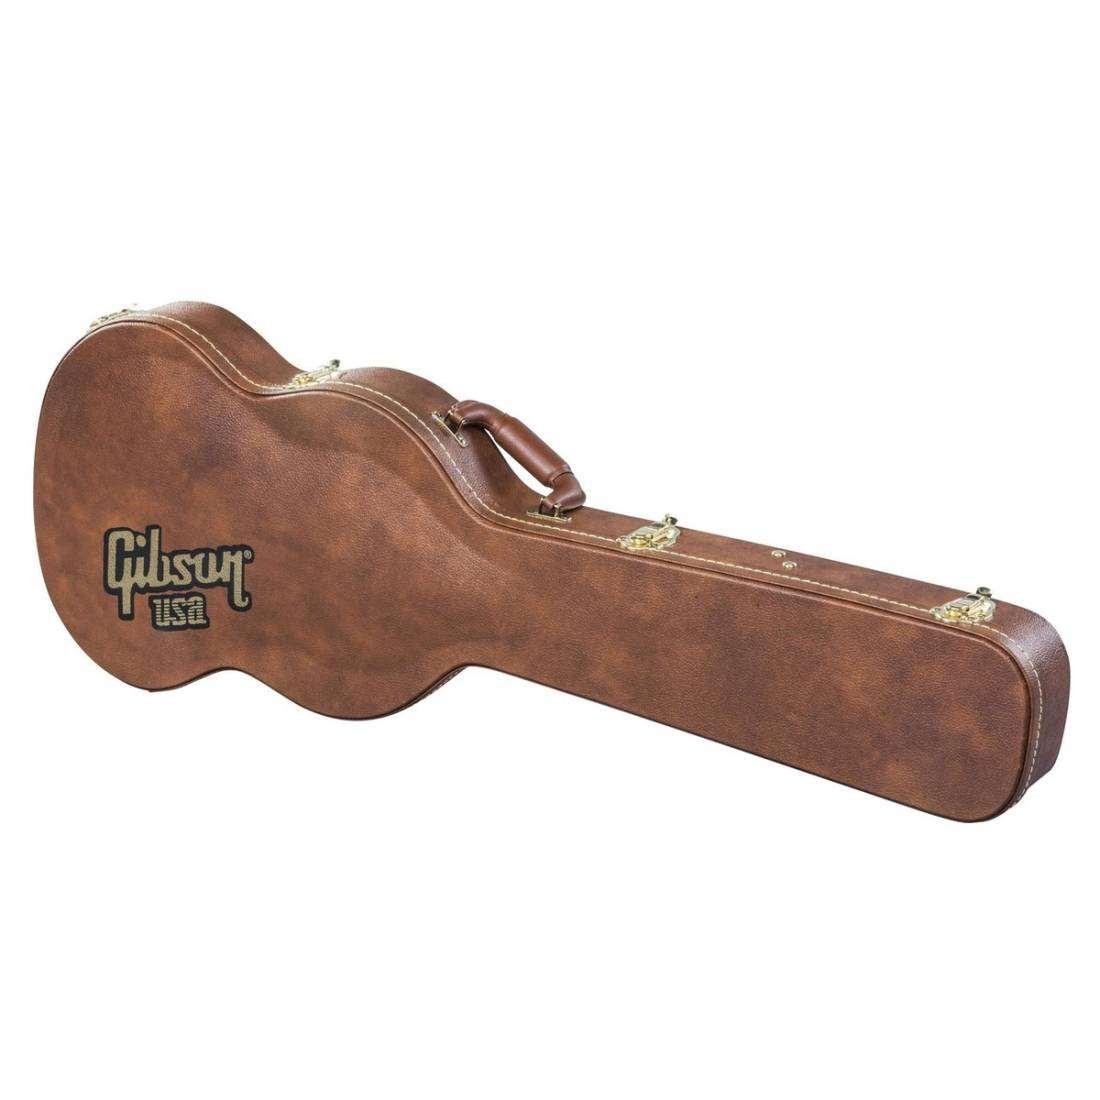 Gibson - SG Case - Historic Brown